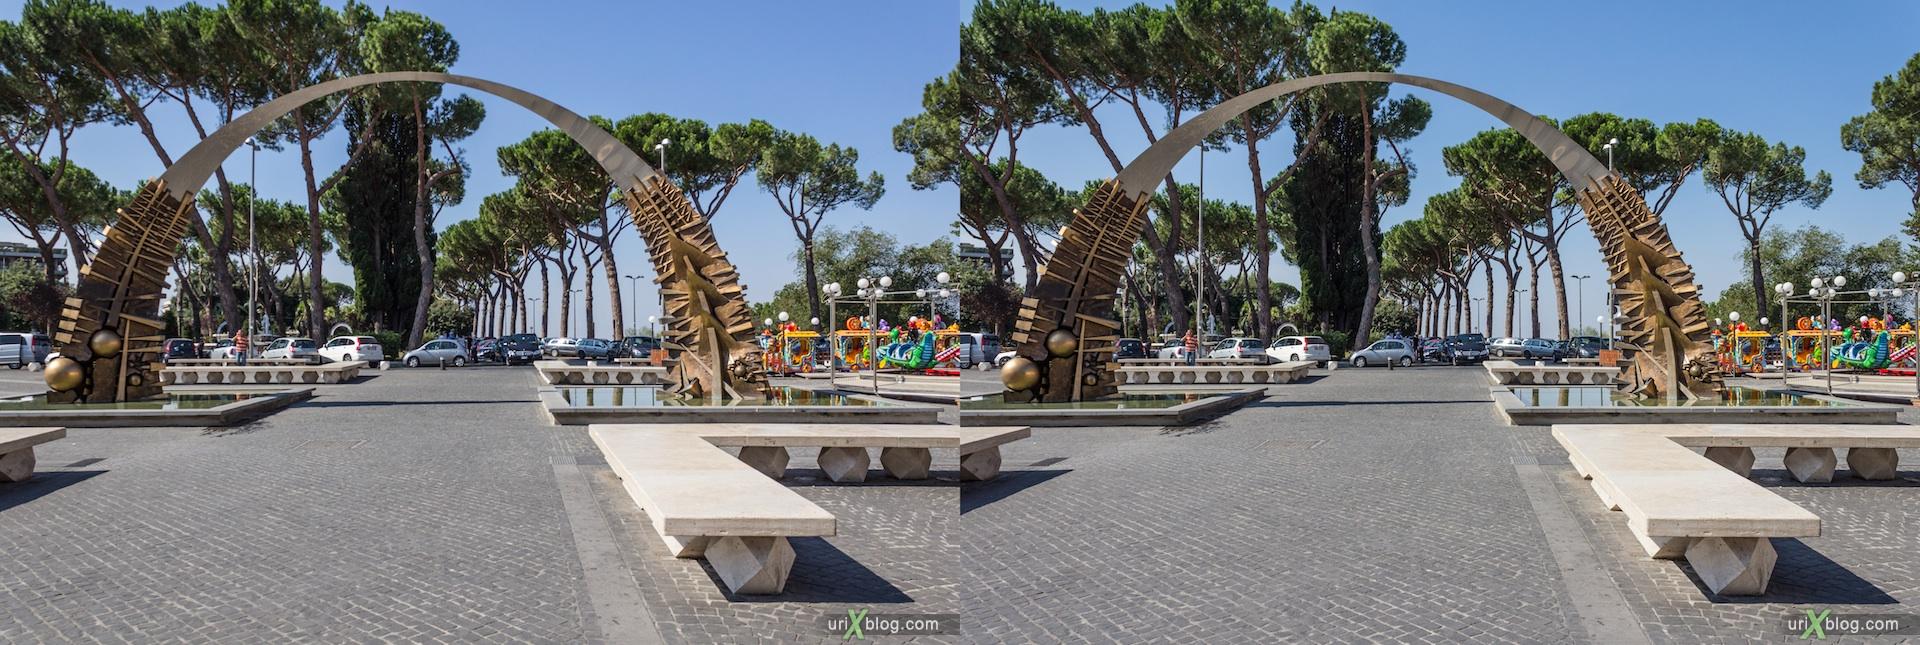 2012, арка, площадь, Тиволи, Италия, square, arch, Tivoli, Italy, 3D, stereo pair, cross-eyed, crossview, стерео, стереопара